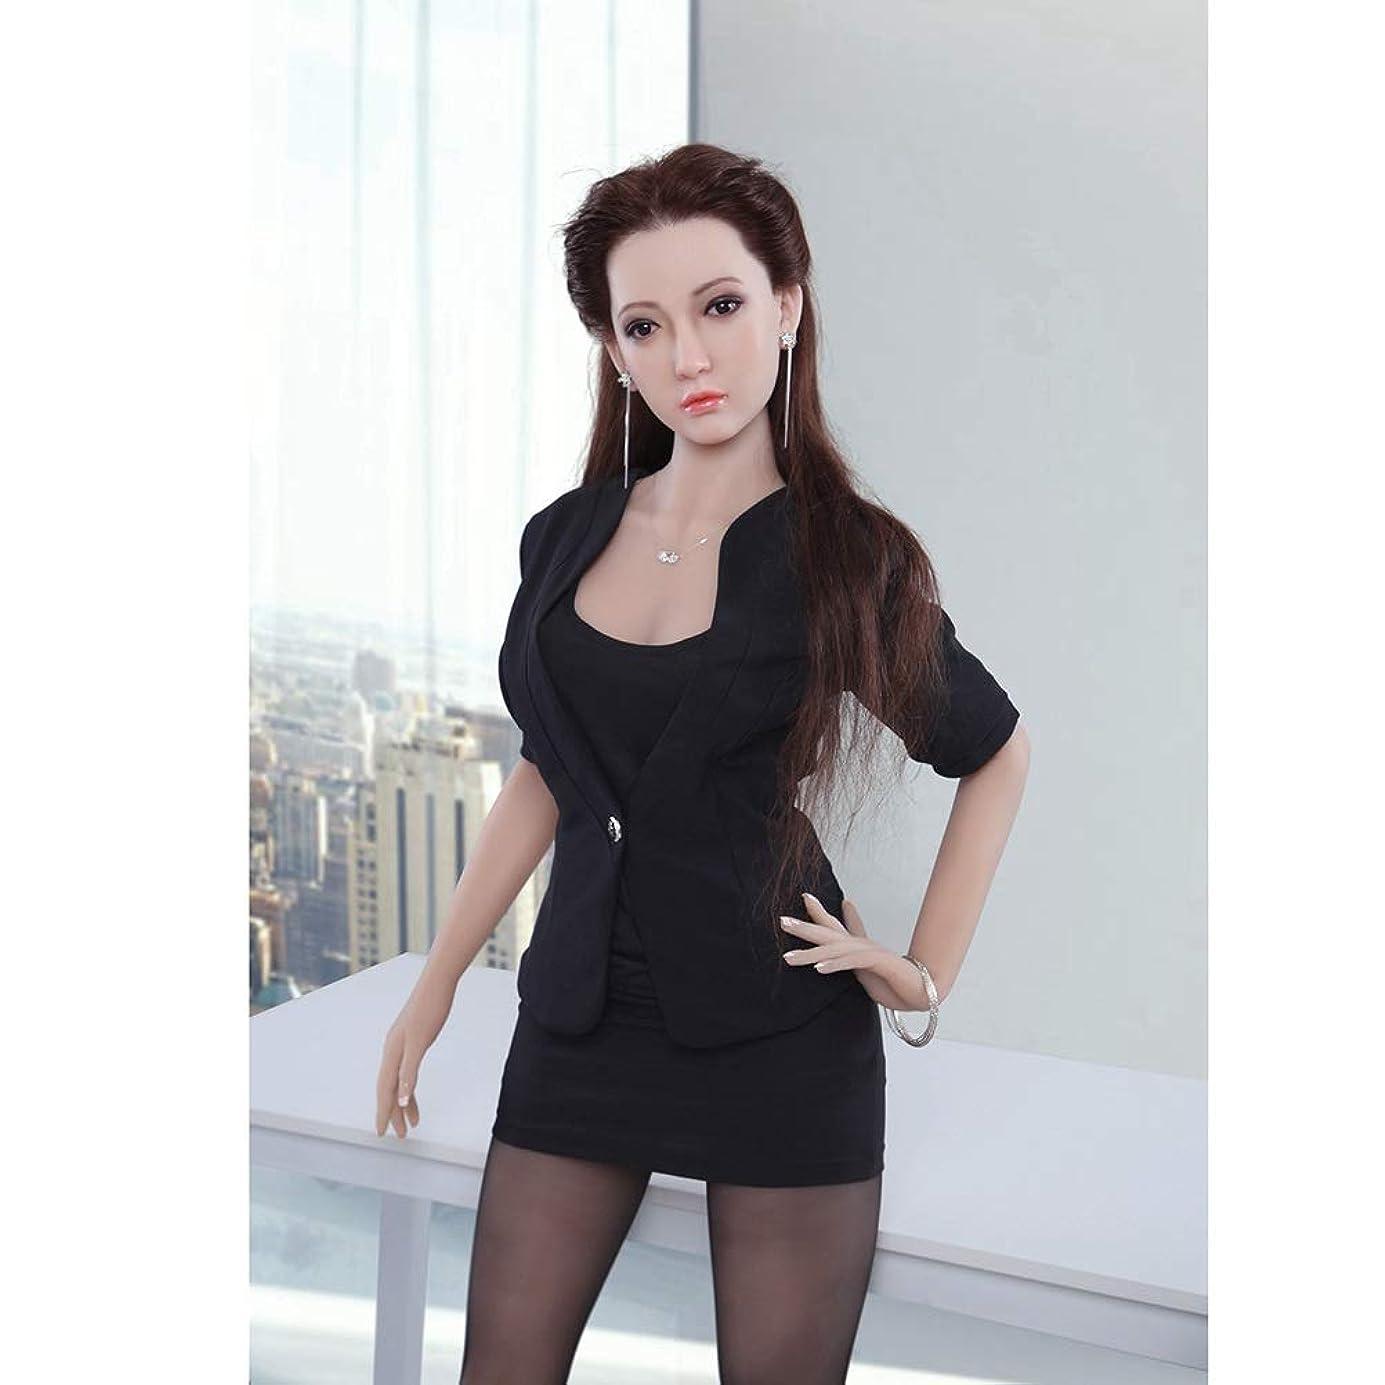 土地塗抹ムスXMLYS 高さ5.5ft 3dリアルなシリコーン人形のおもちゃ - 男性用インフレータブル人形固体シリコーン型材料愛 - 168 cm love